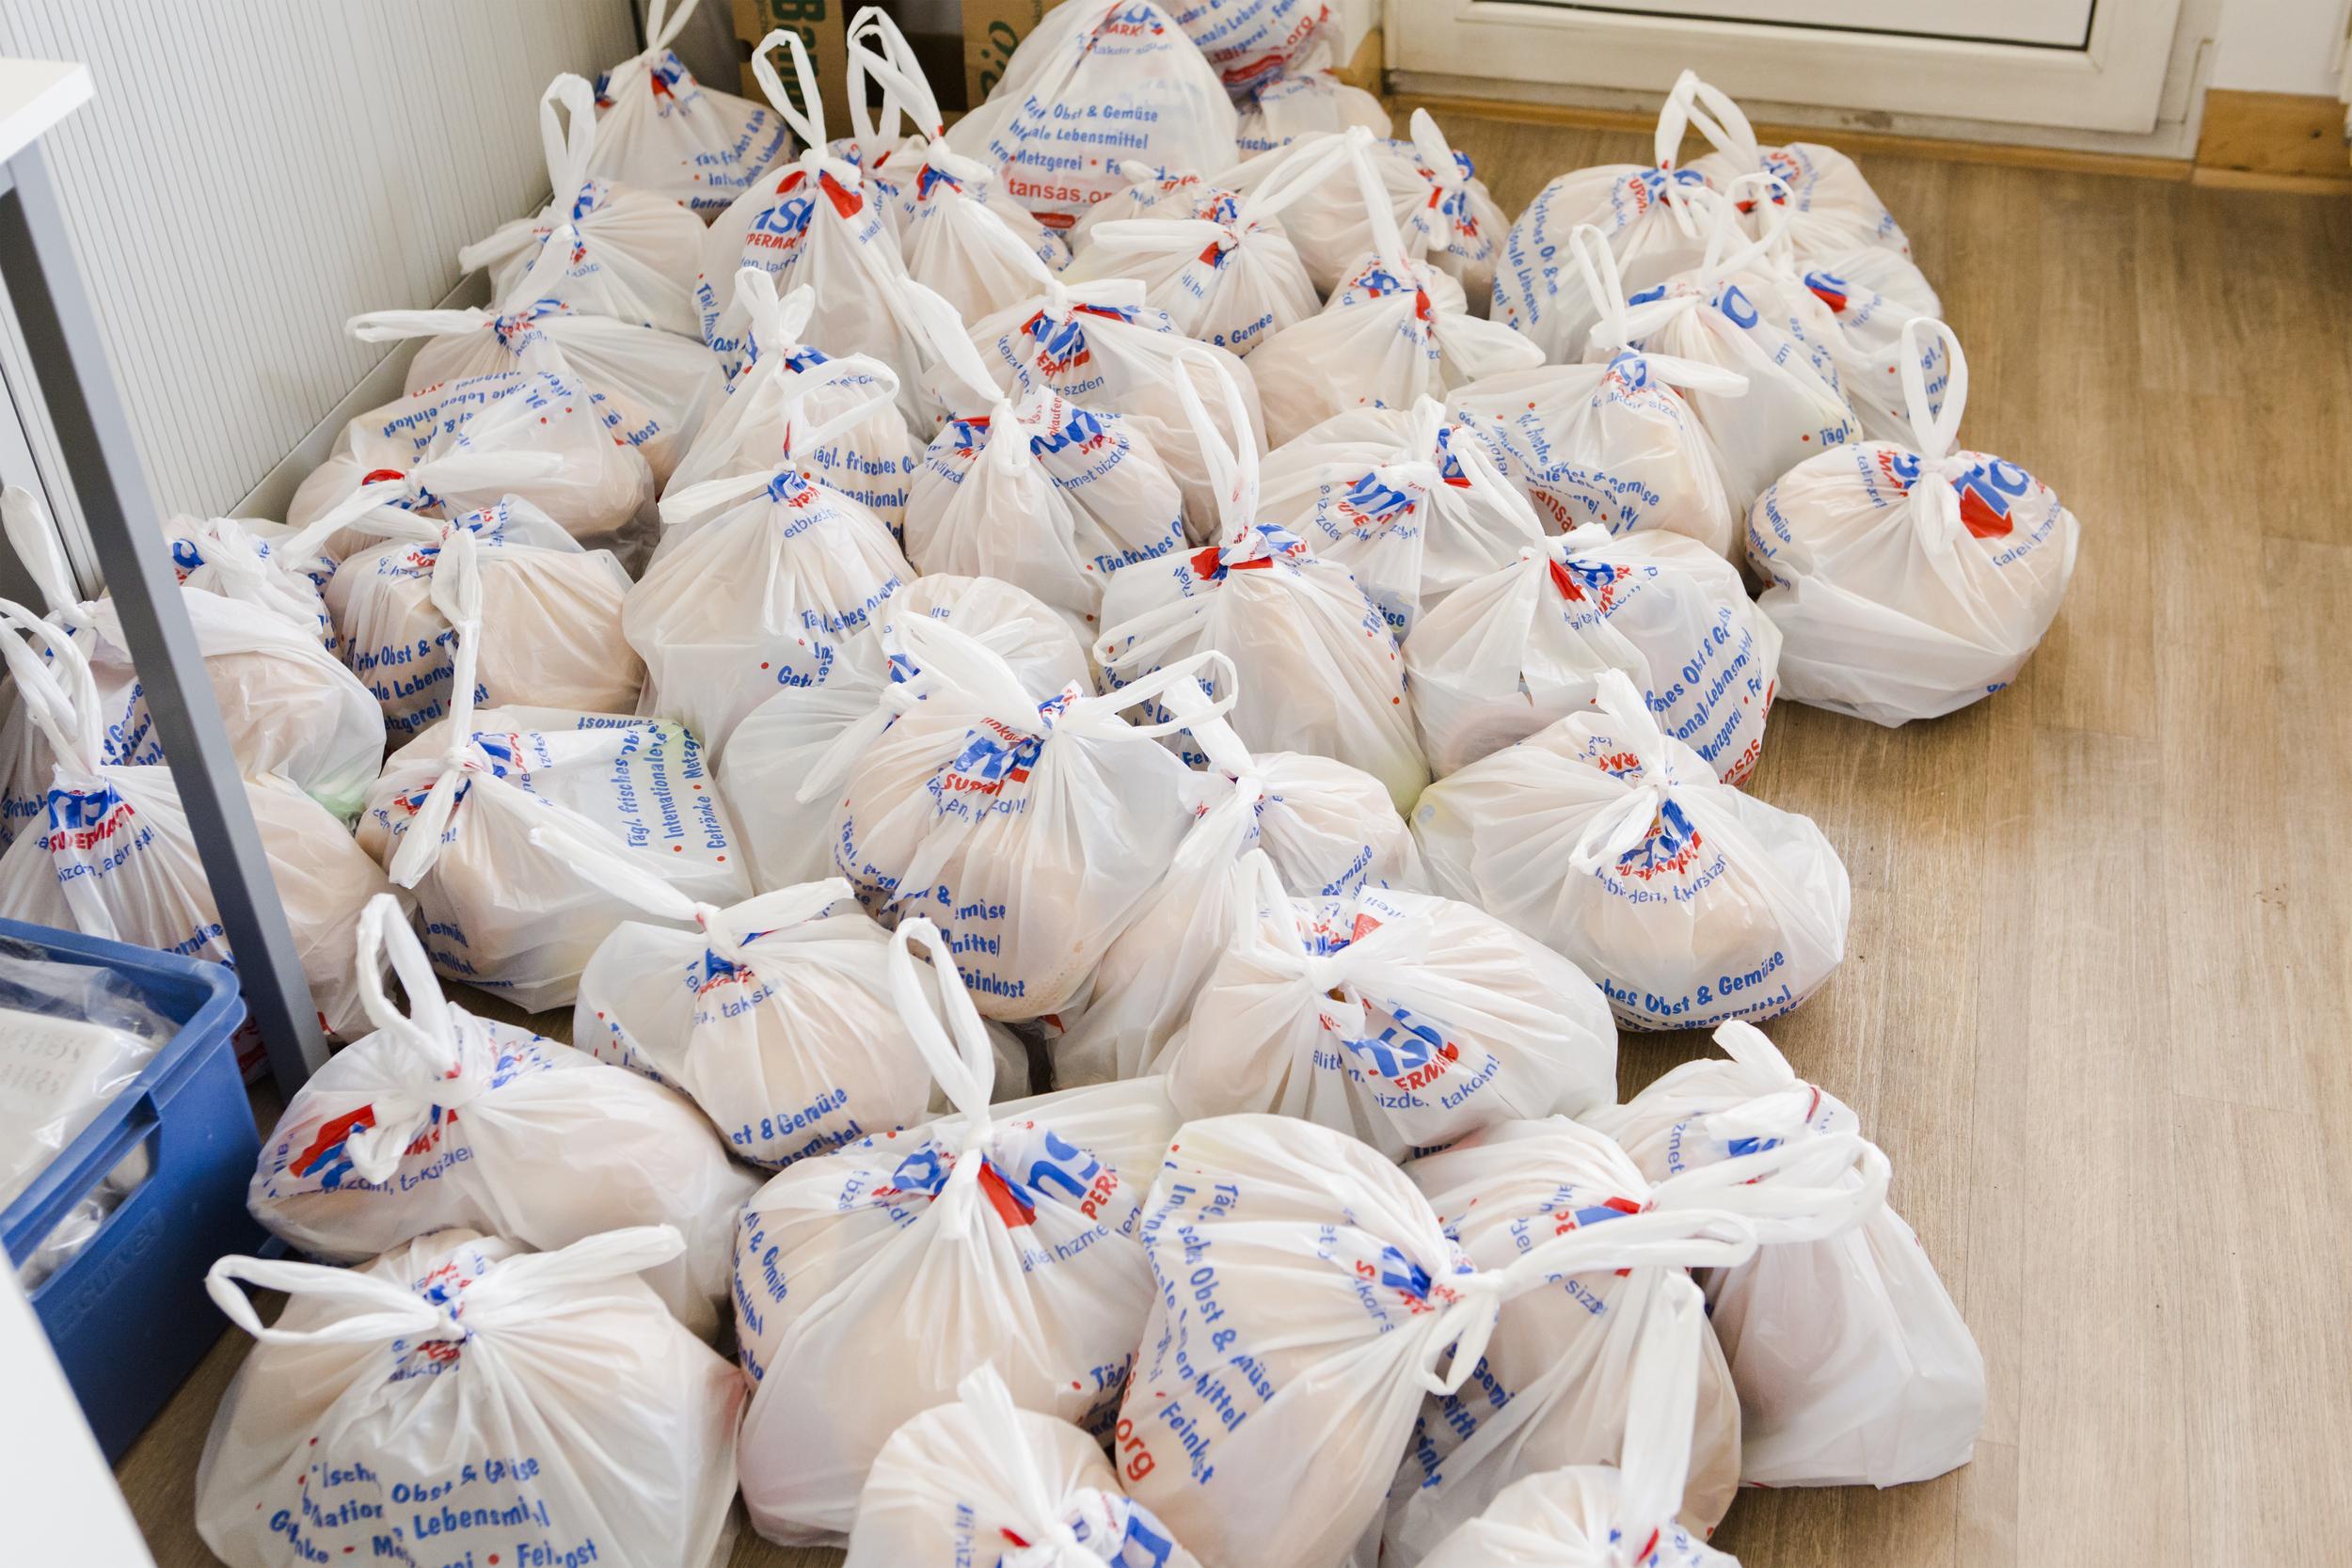 Für den ersten Tag liegen Lebensmittelpakete bereit